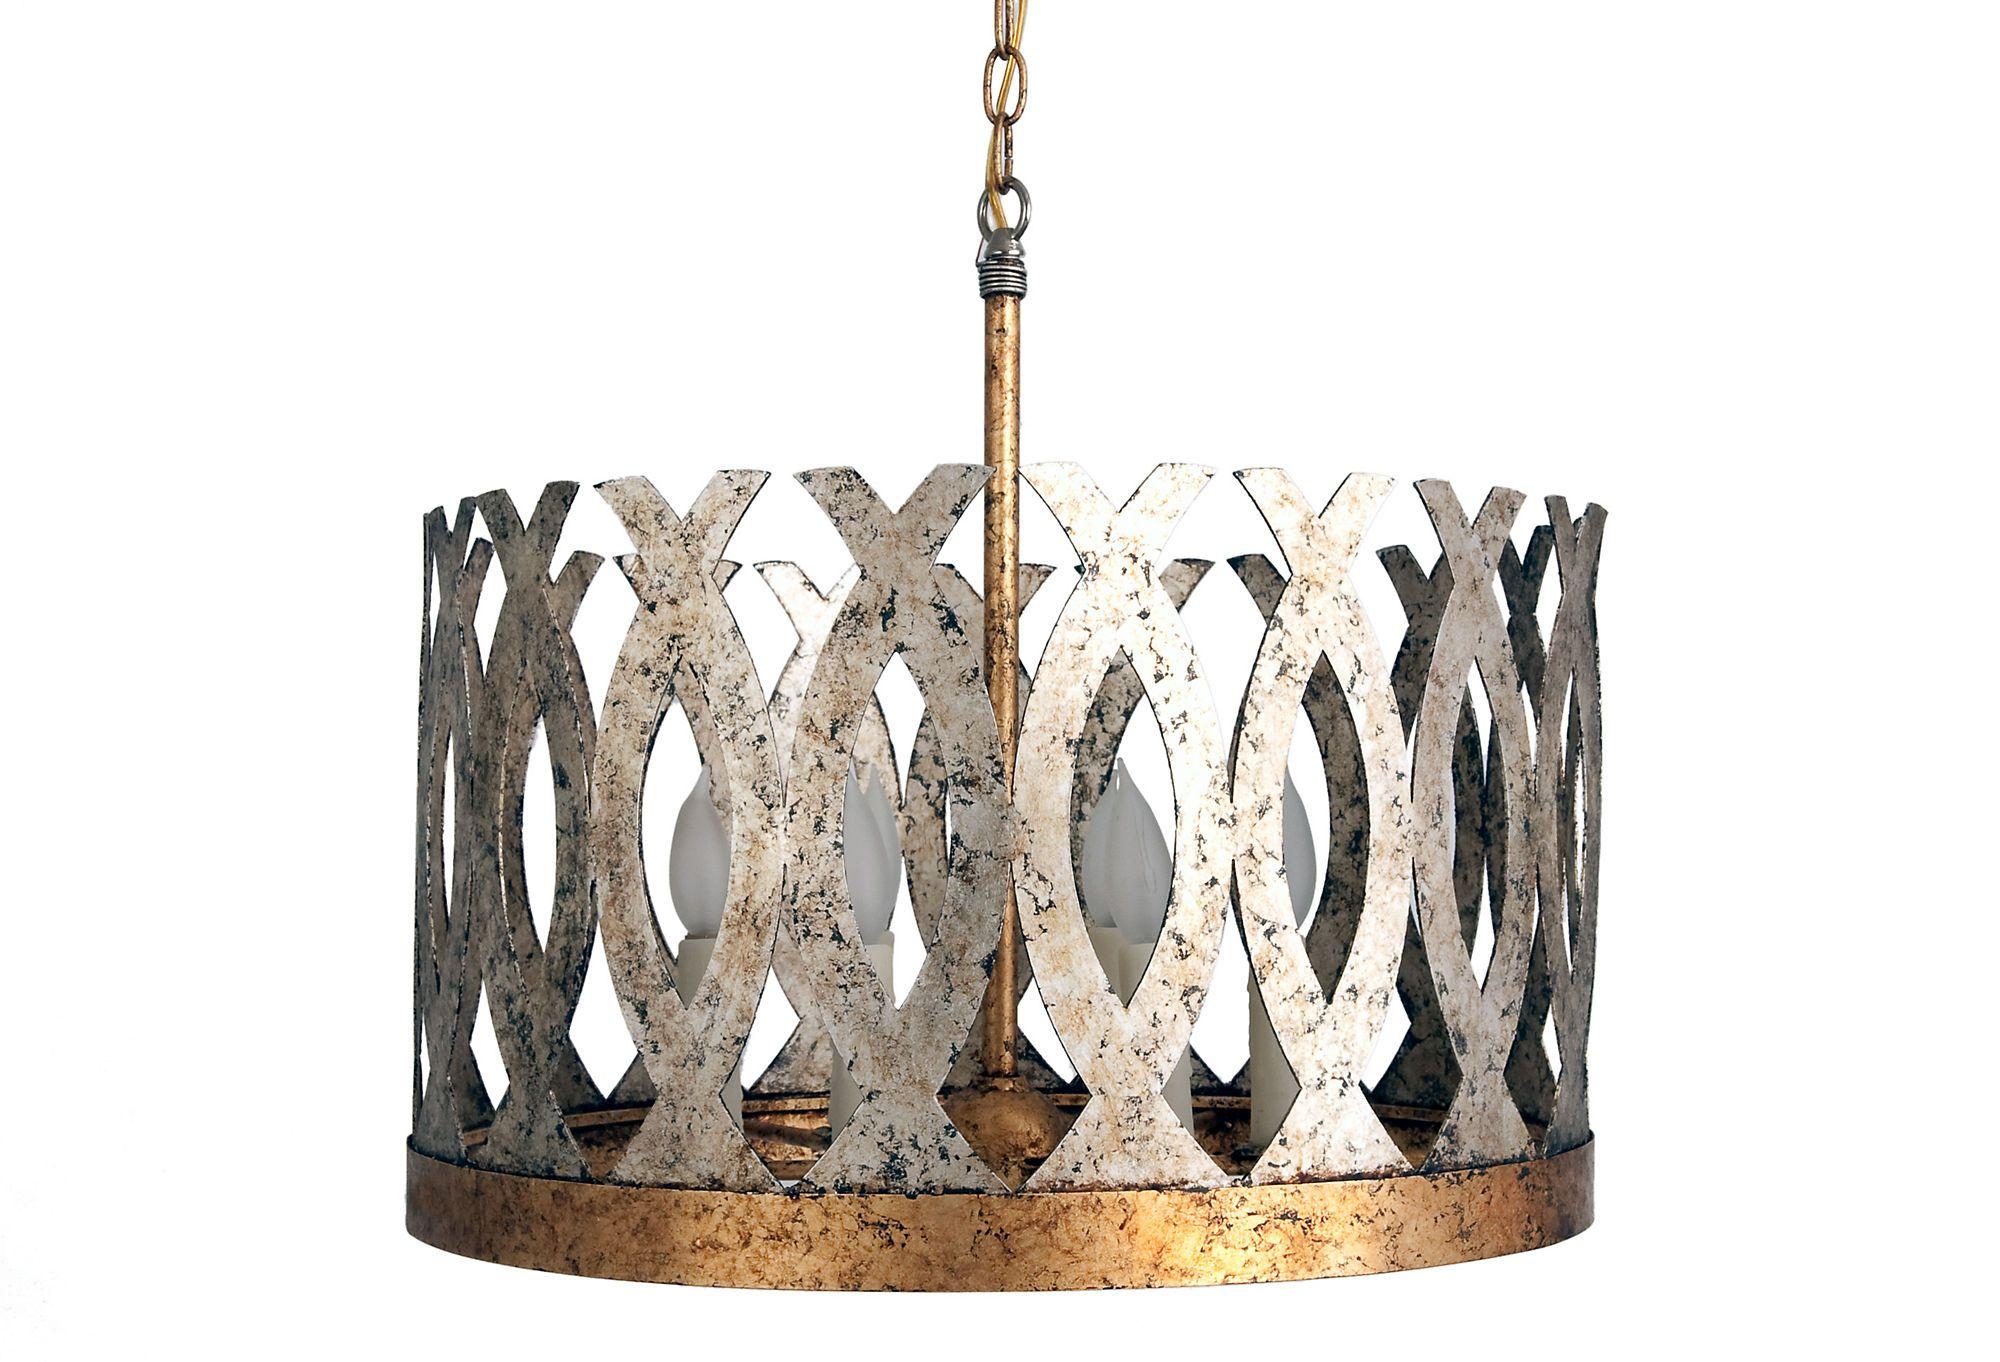 One kings lane handcrafted lighting ingrid wide chandelier in one kings lane handcrafted lighting ingrid wide chandelier in silver arubaitofo Images